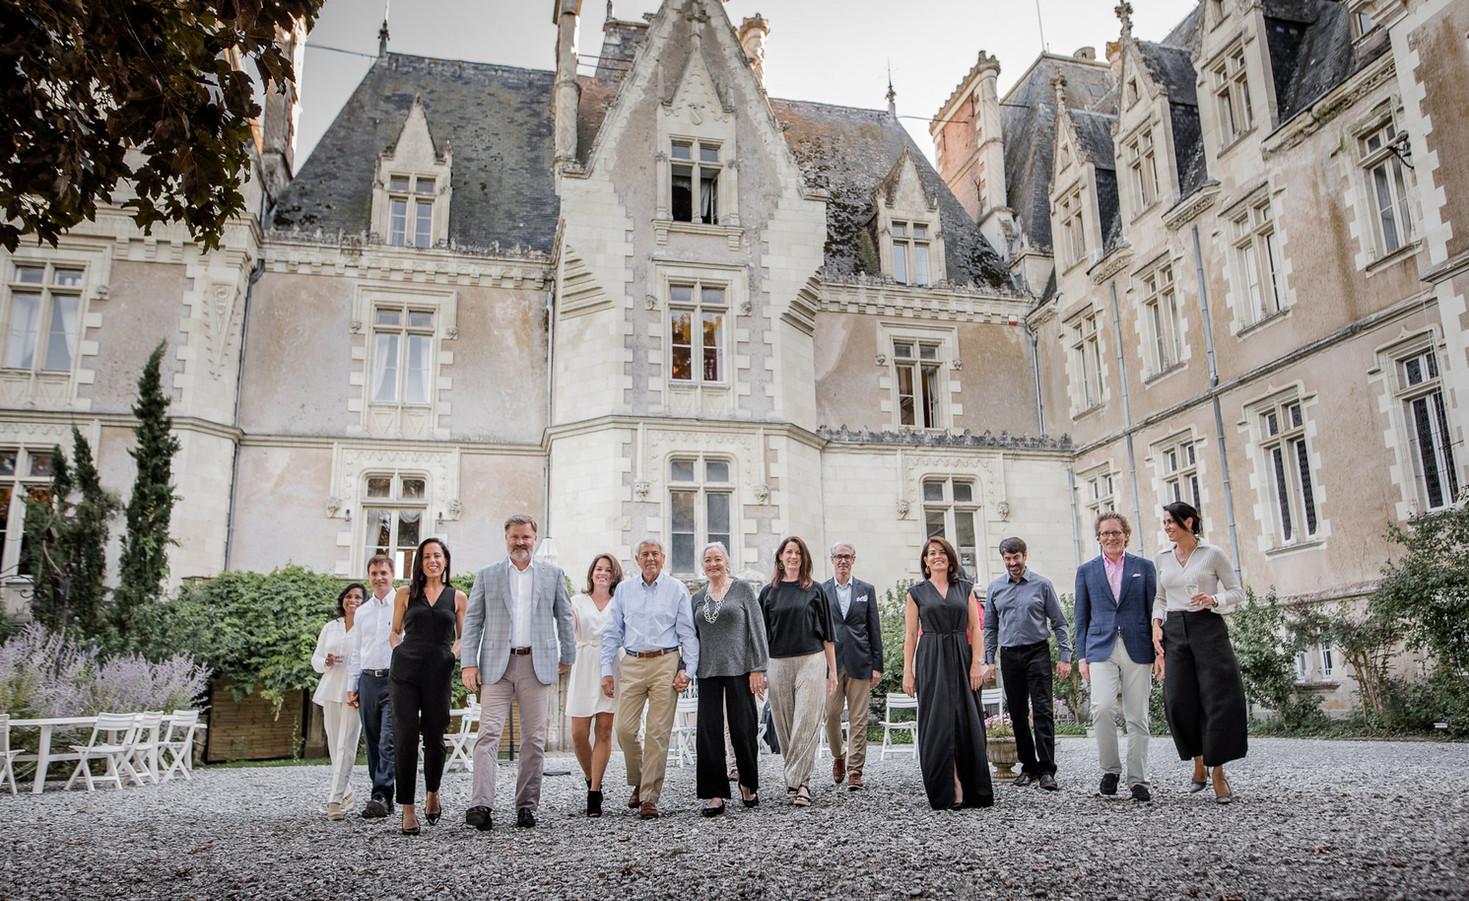 photographe de famille à Angers 49 Maine et Loire - FranceABouchemaine - Montreuil Juigné